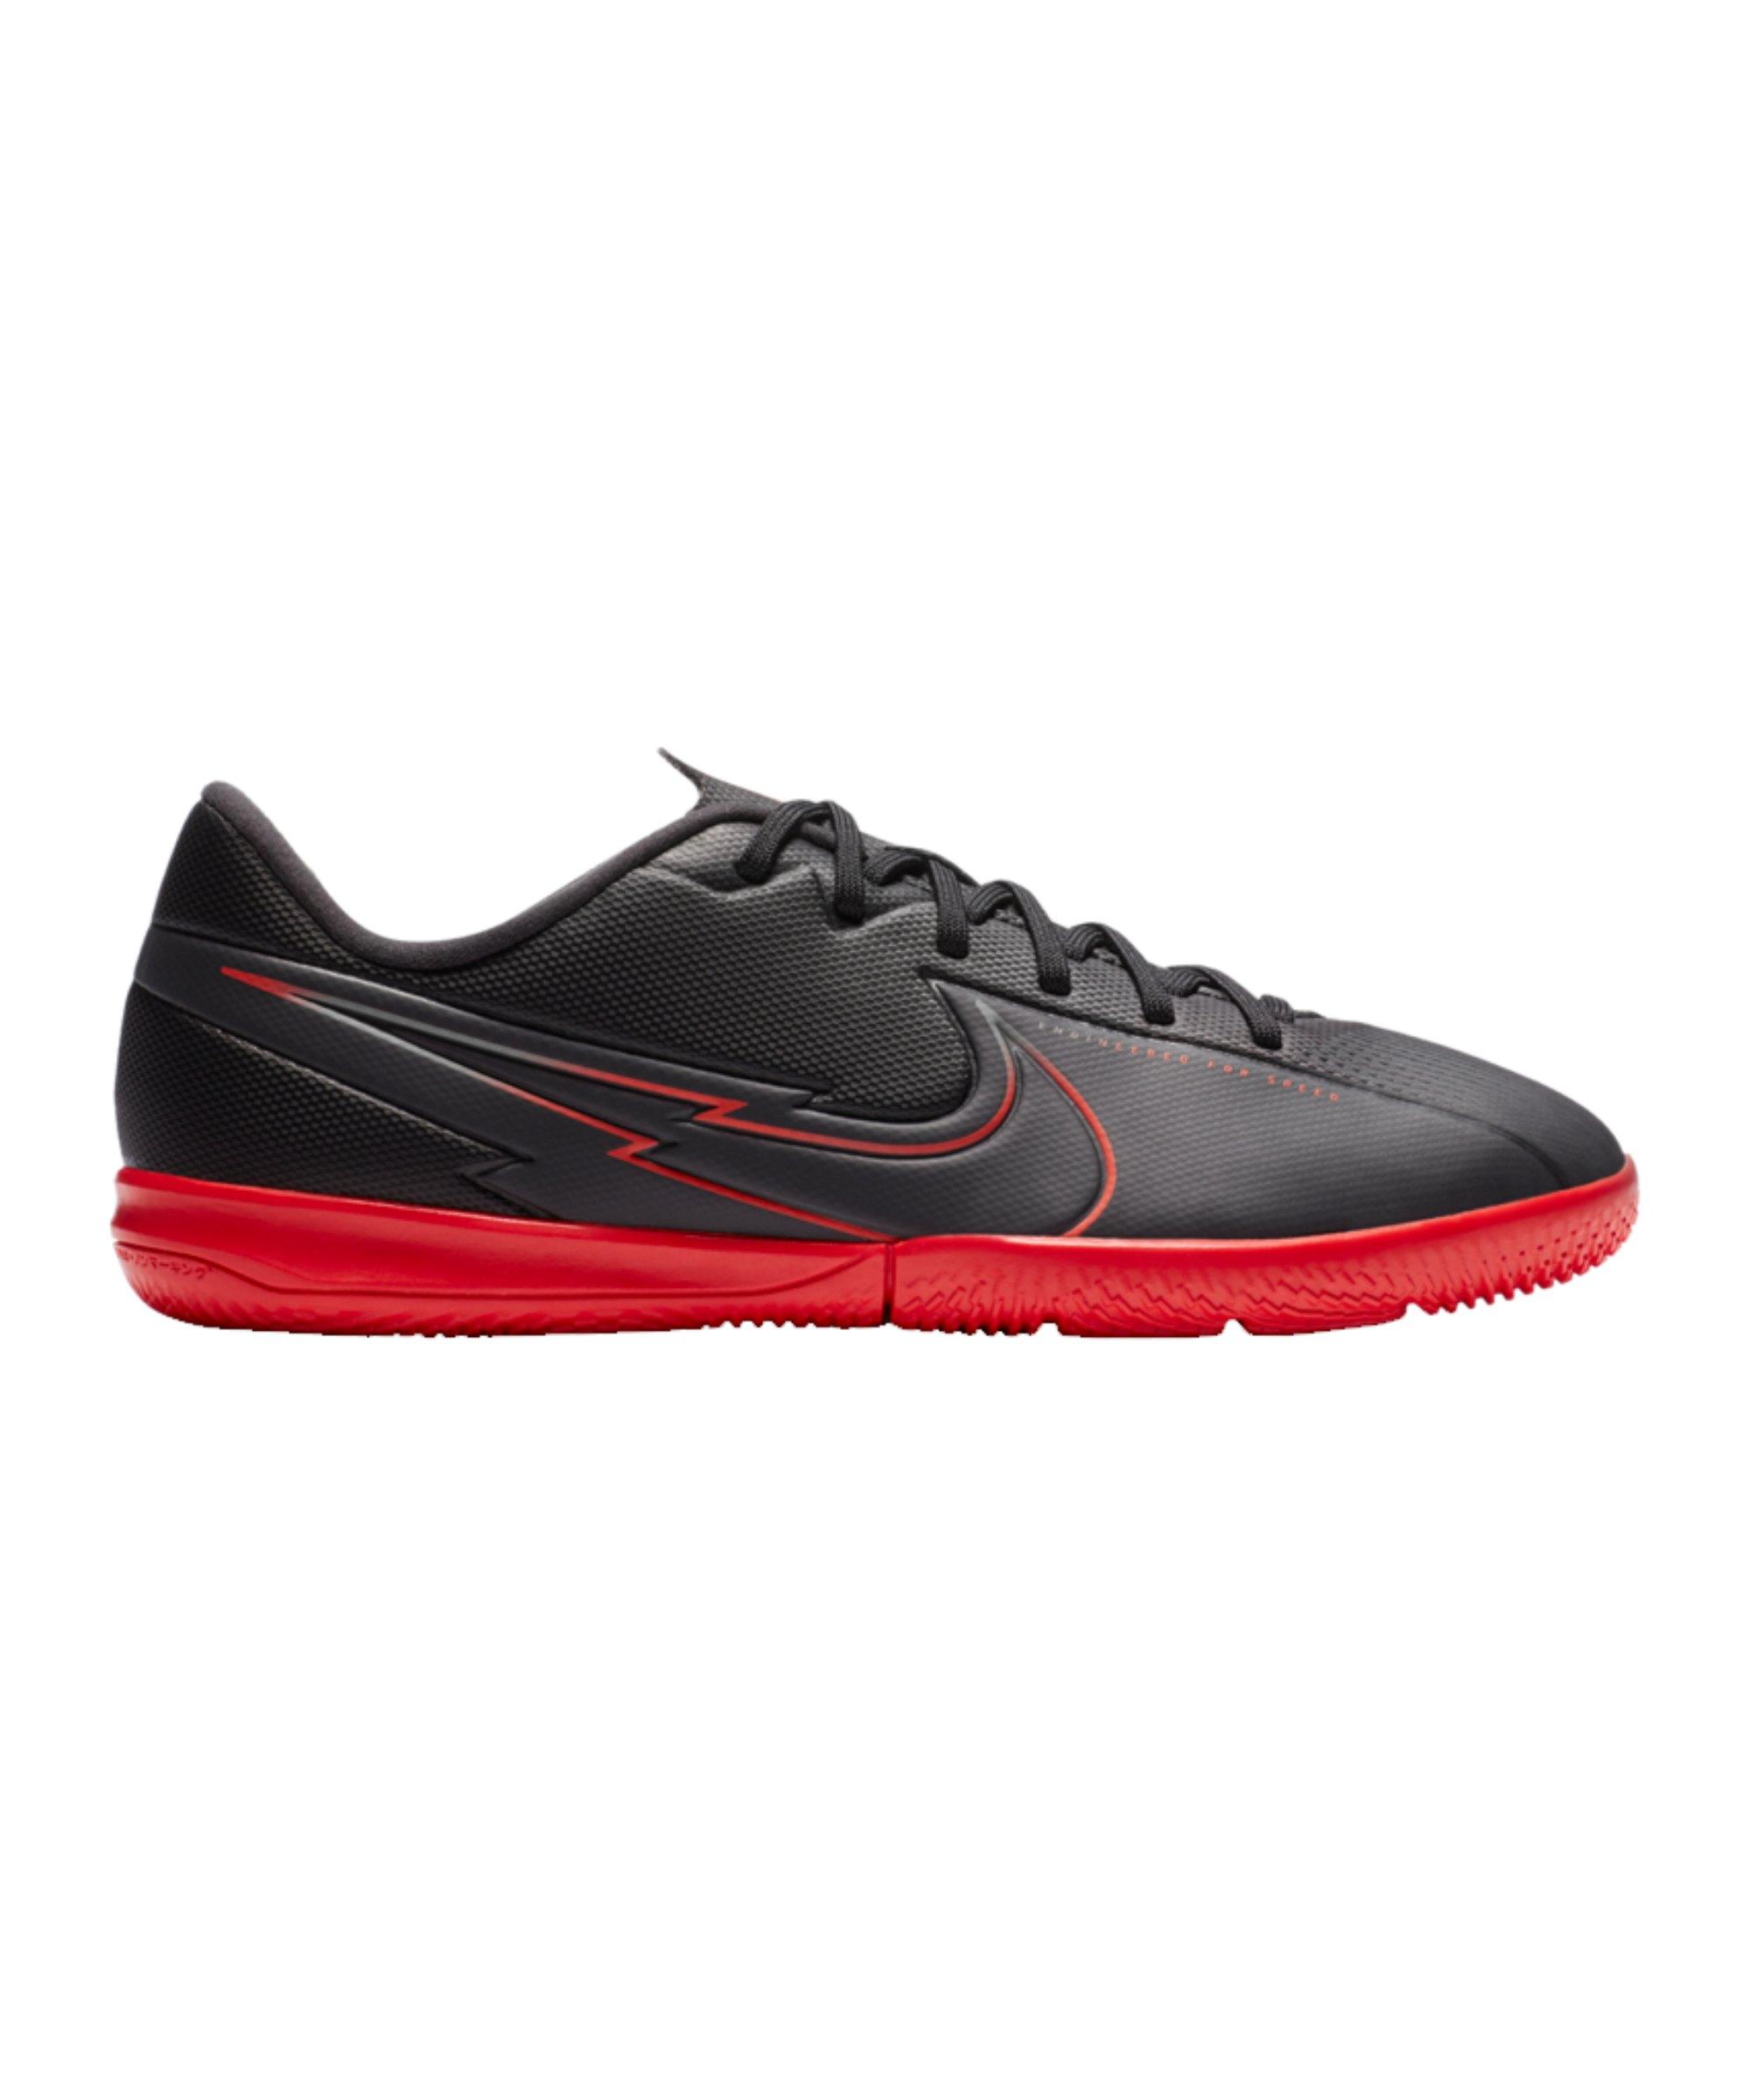 Nike Jr Mercurial Vapor XIII Black X Chile Red Academy IC Kids Schwarz F060 - schwarz